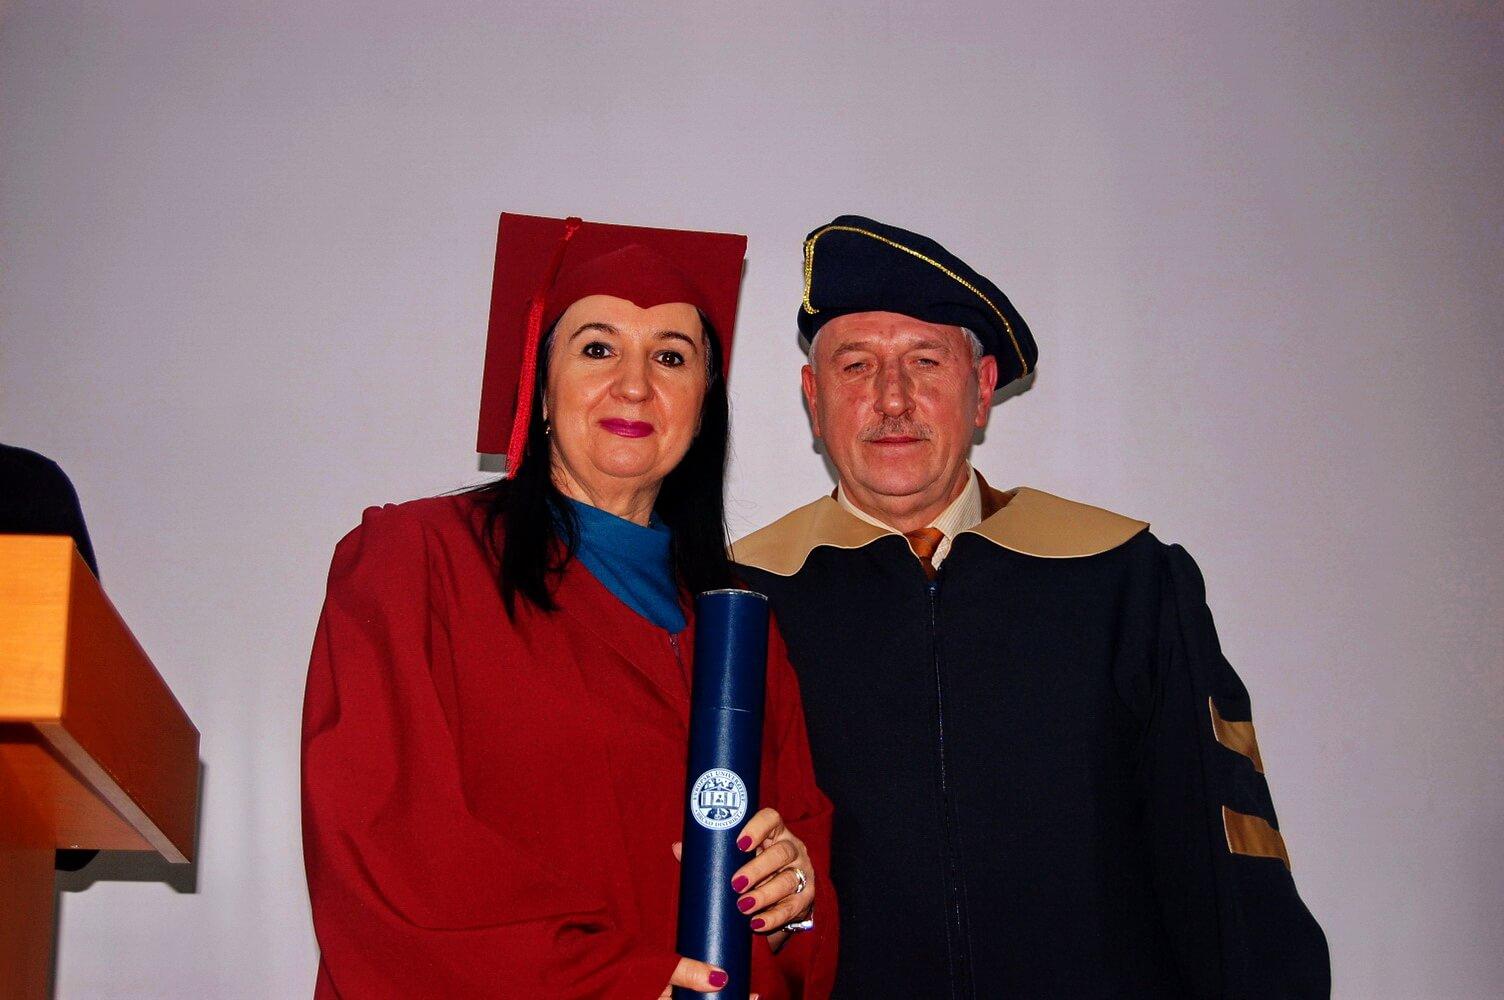 Dan Univerziteta 2020 120